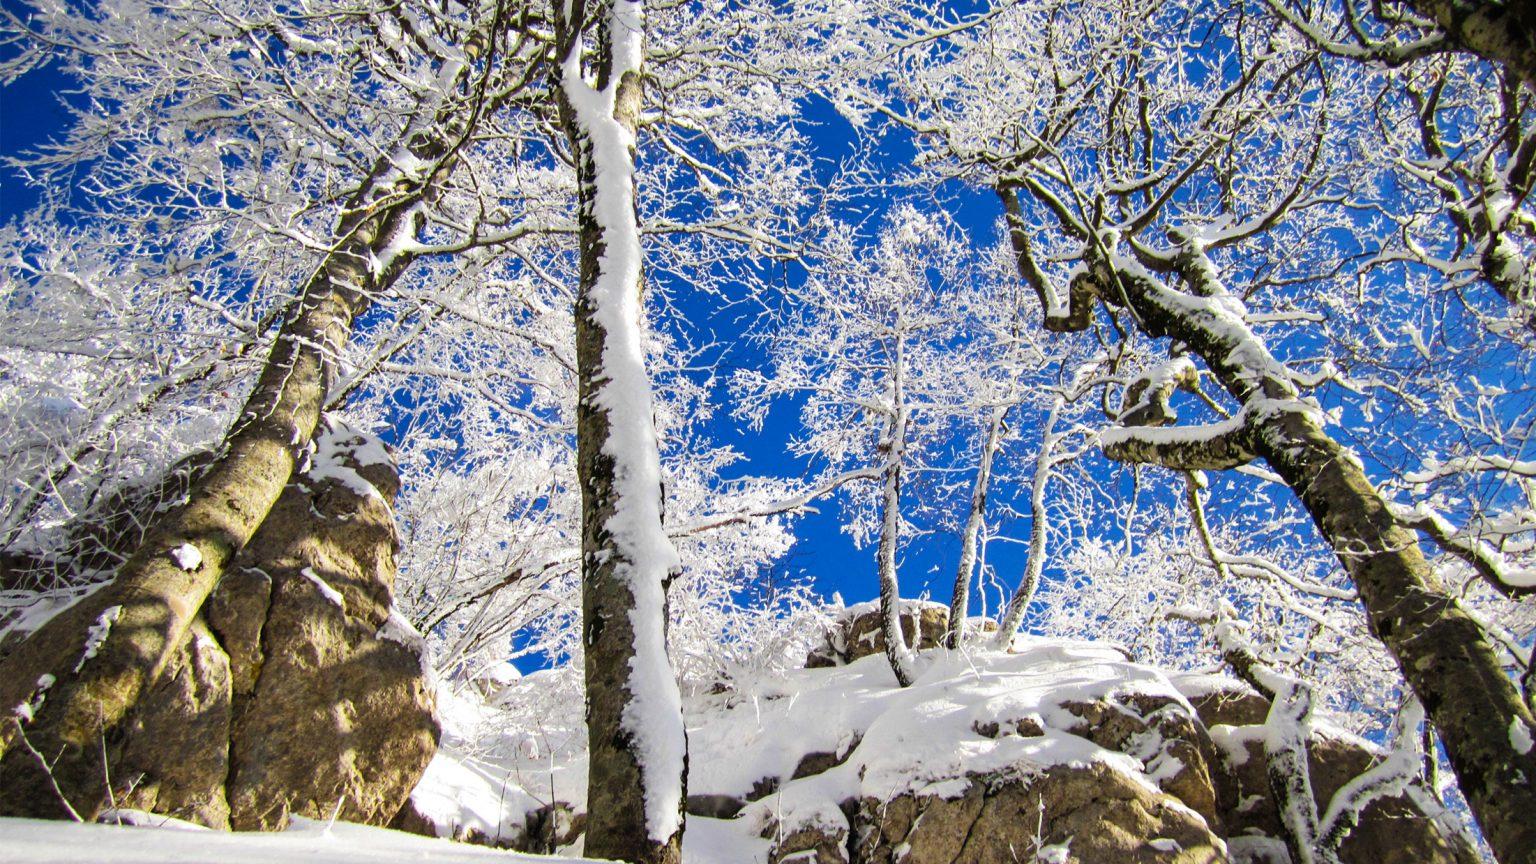 Dajti Mountain, Tirana, Source: wikimedia.org Fation Plaku.